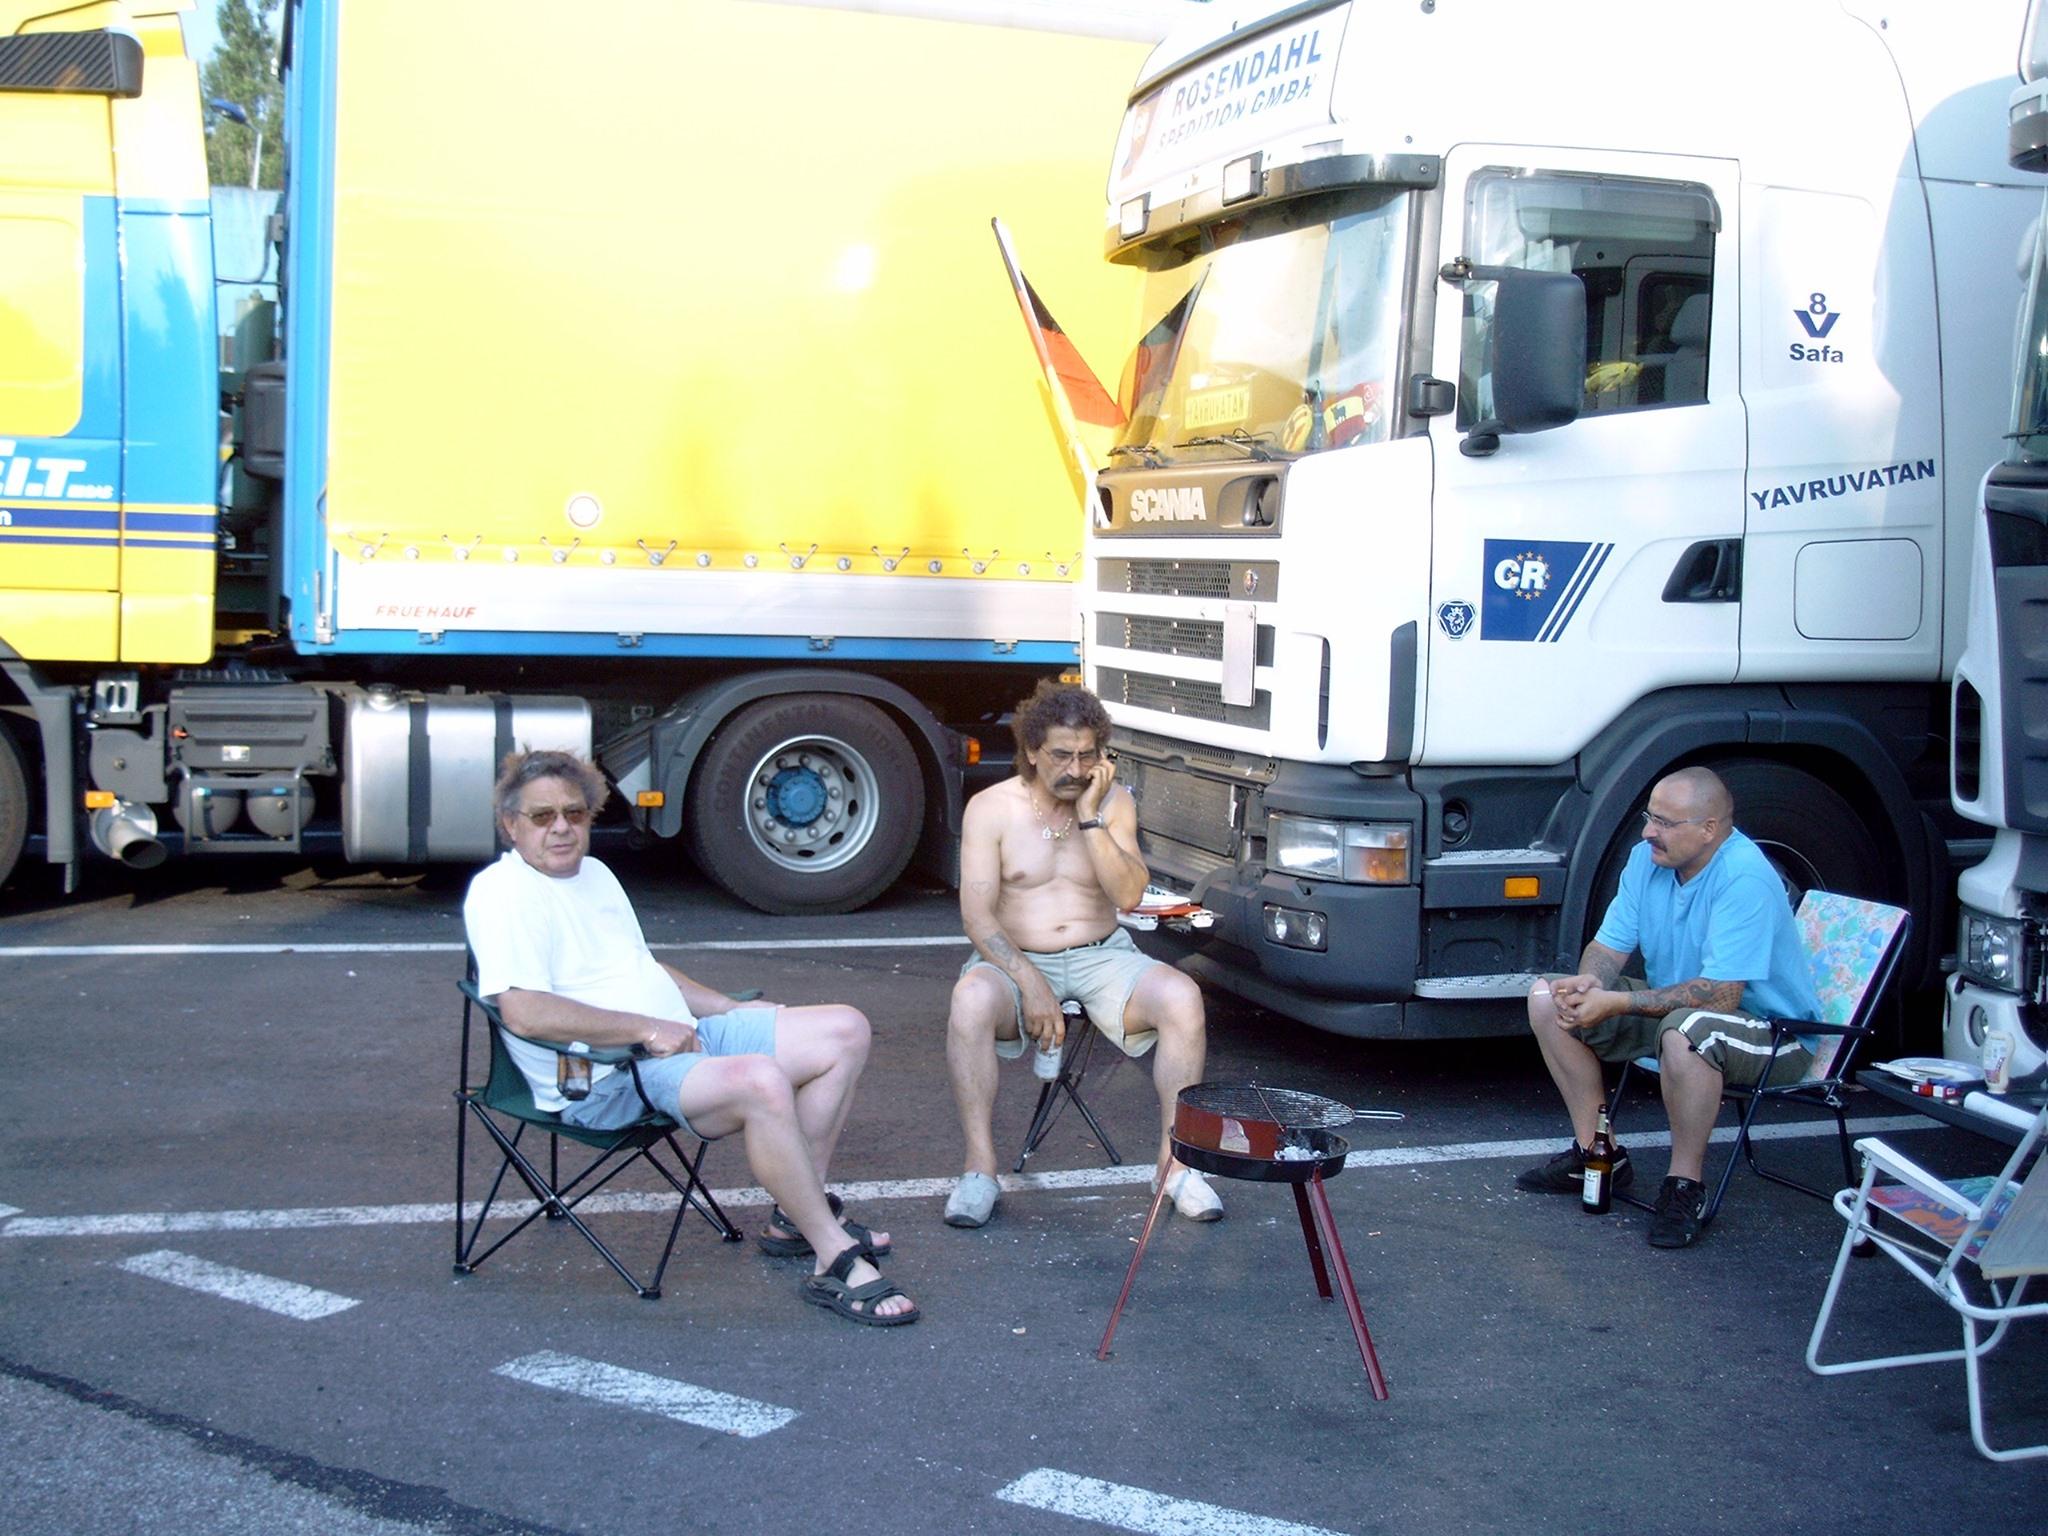 Wochenende-auf-Rastplatz-in-Frankreich--Selbst-ist-der-Mann